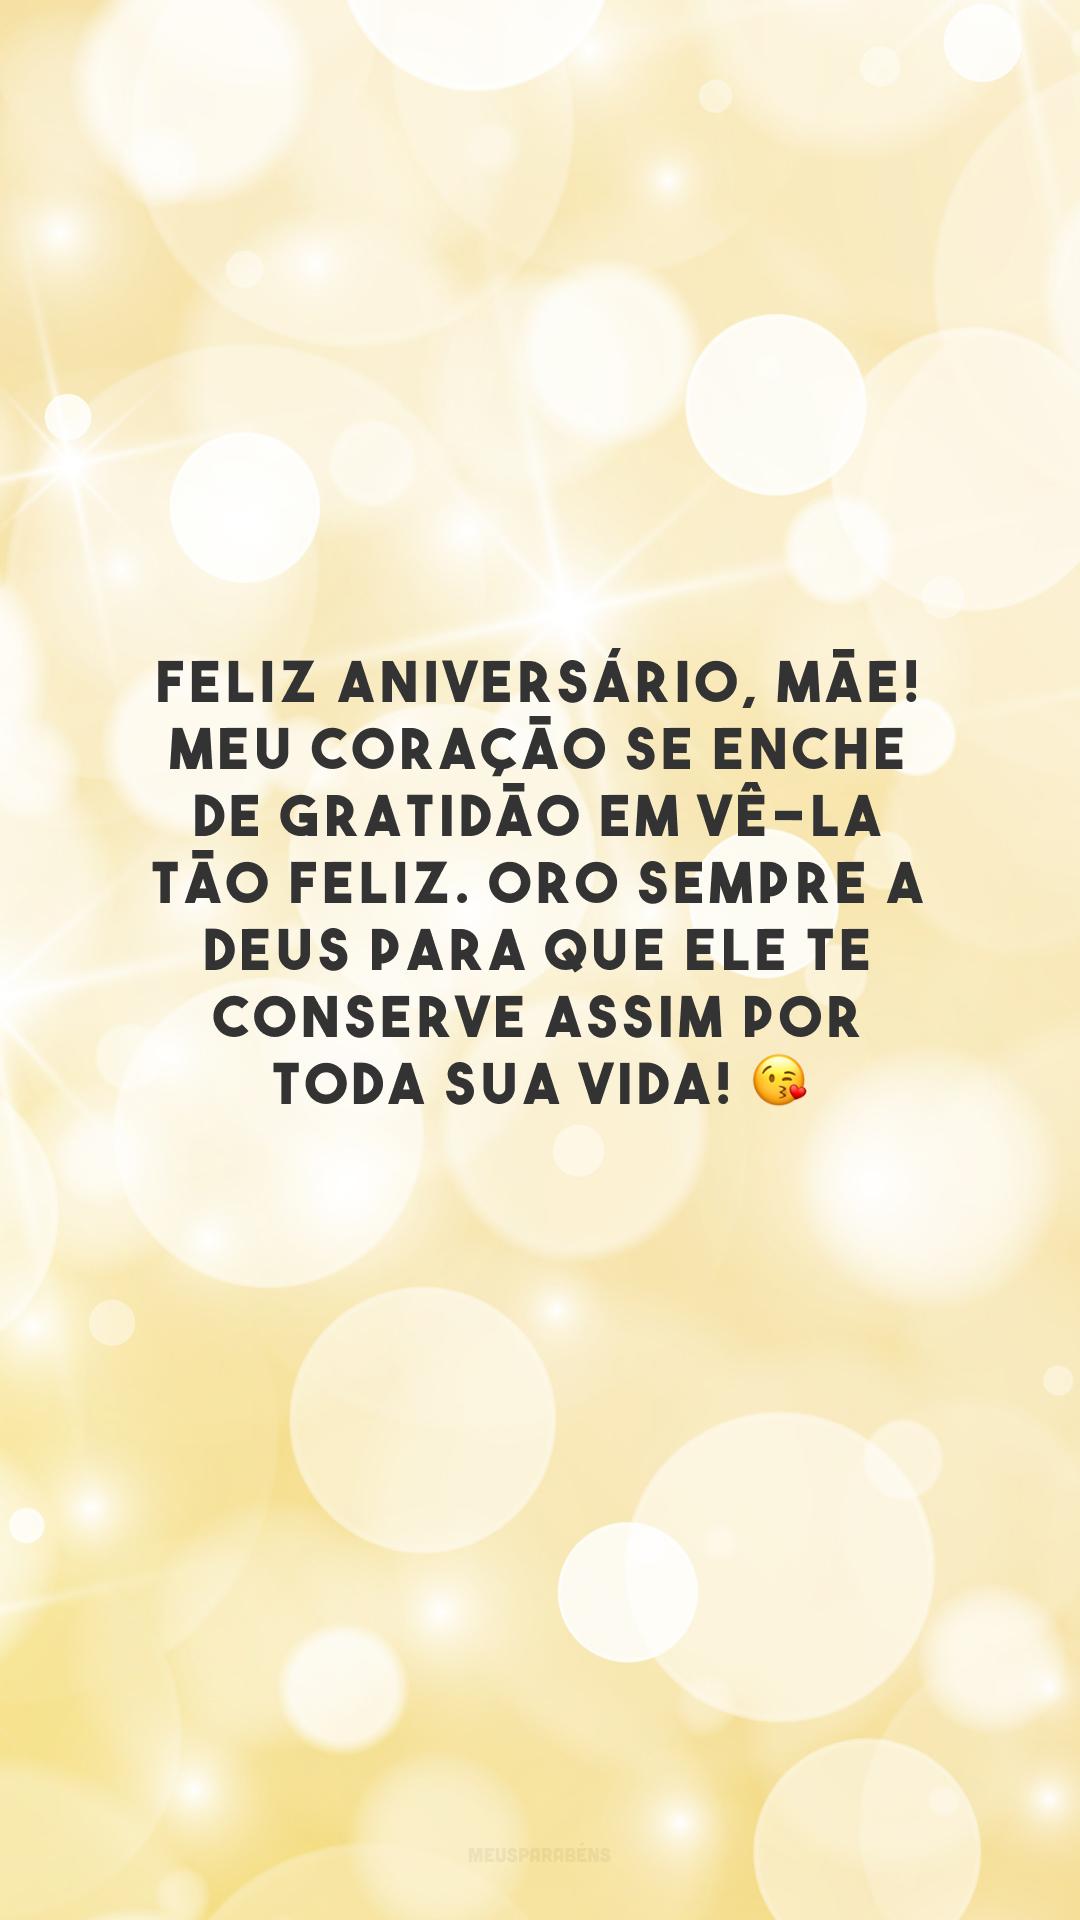 Feliz aniversário, mãe! Meu coração se enche de gratidão em vê-la tão feliz. Oro sempre a Deus para que Ele te conserve assim por toda sua vida! 😘